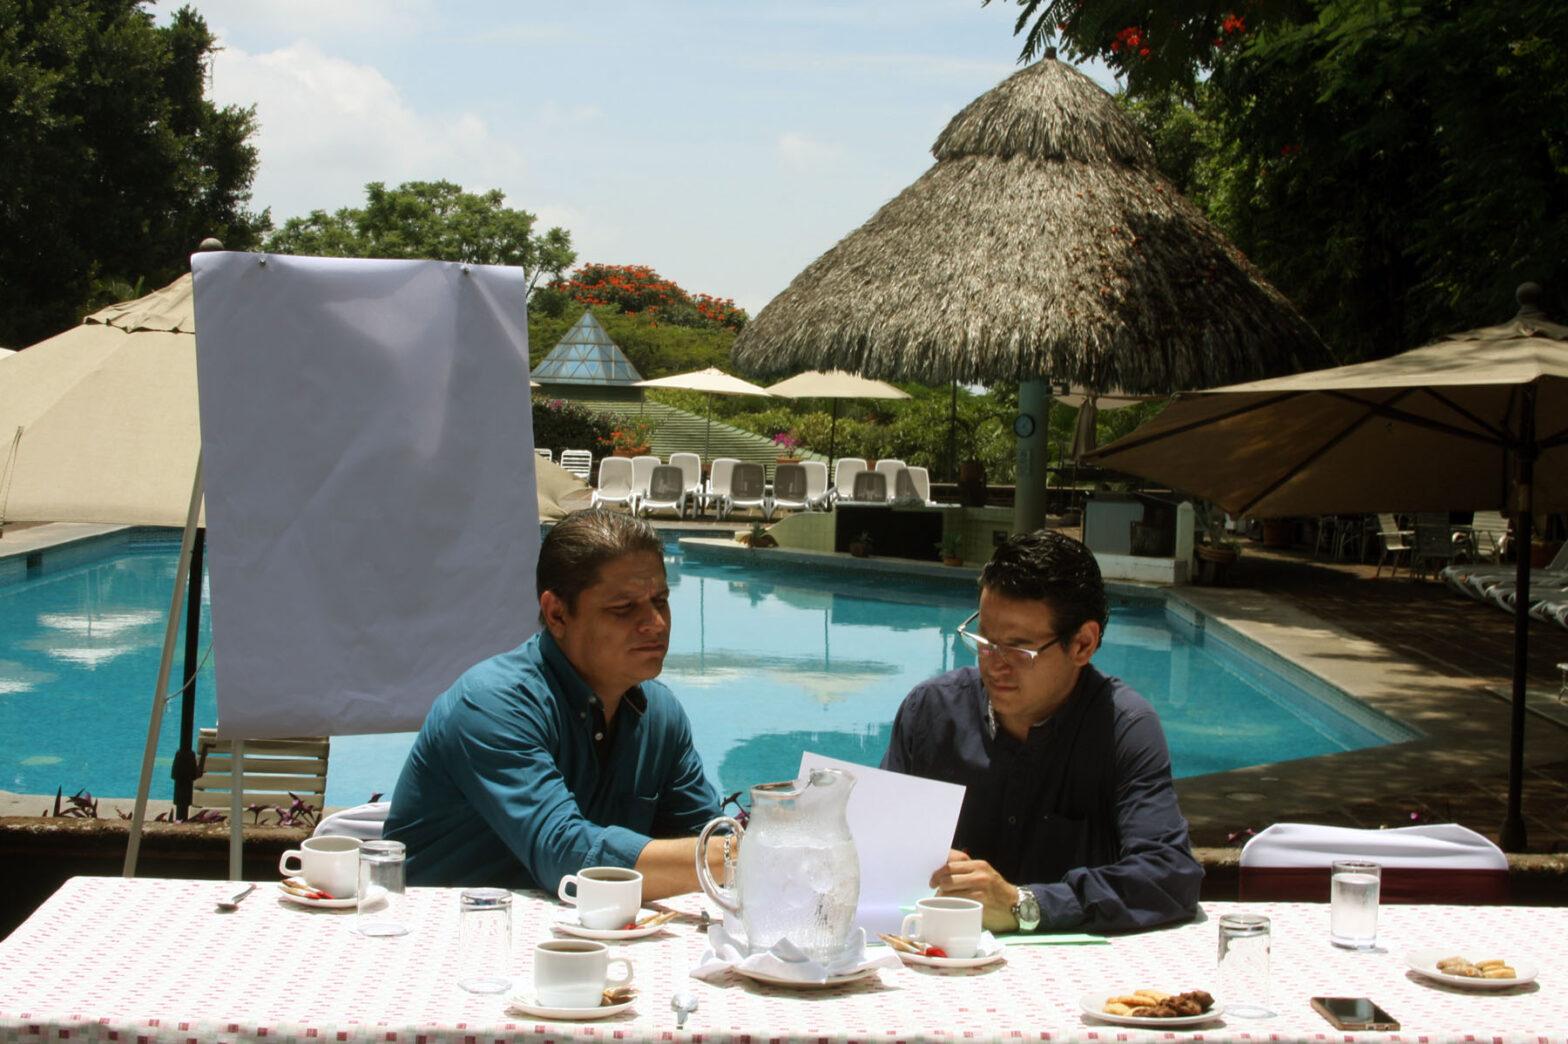 Negocios en Cuernavaca, Morelos